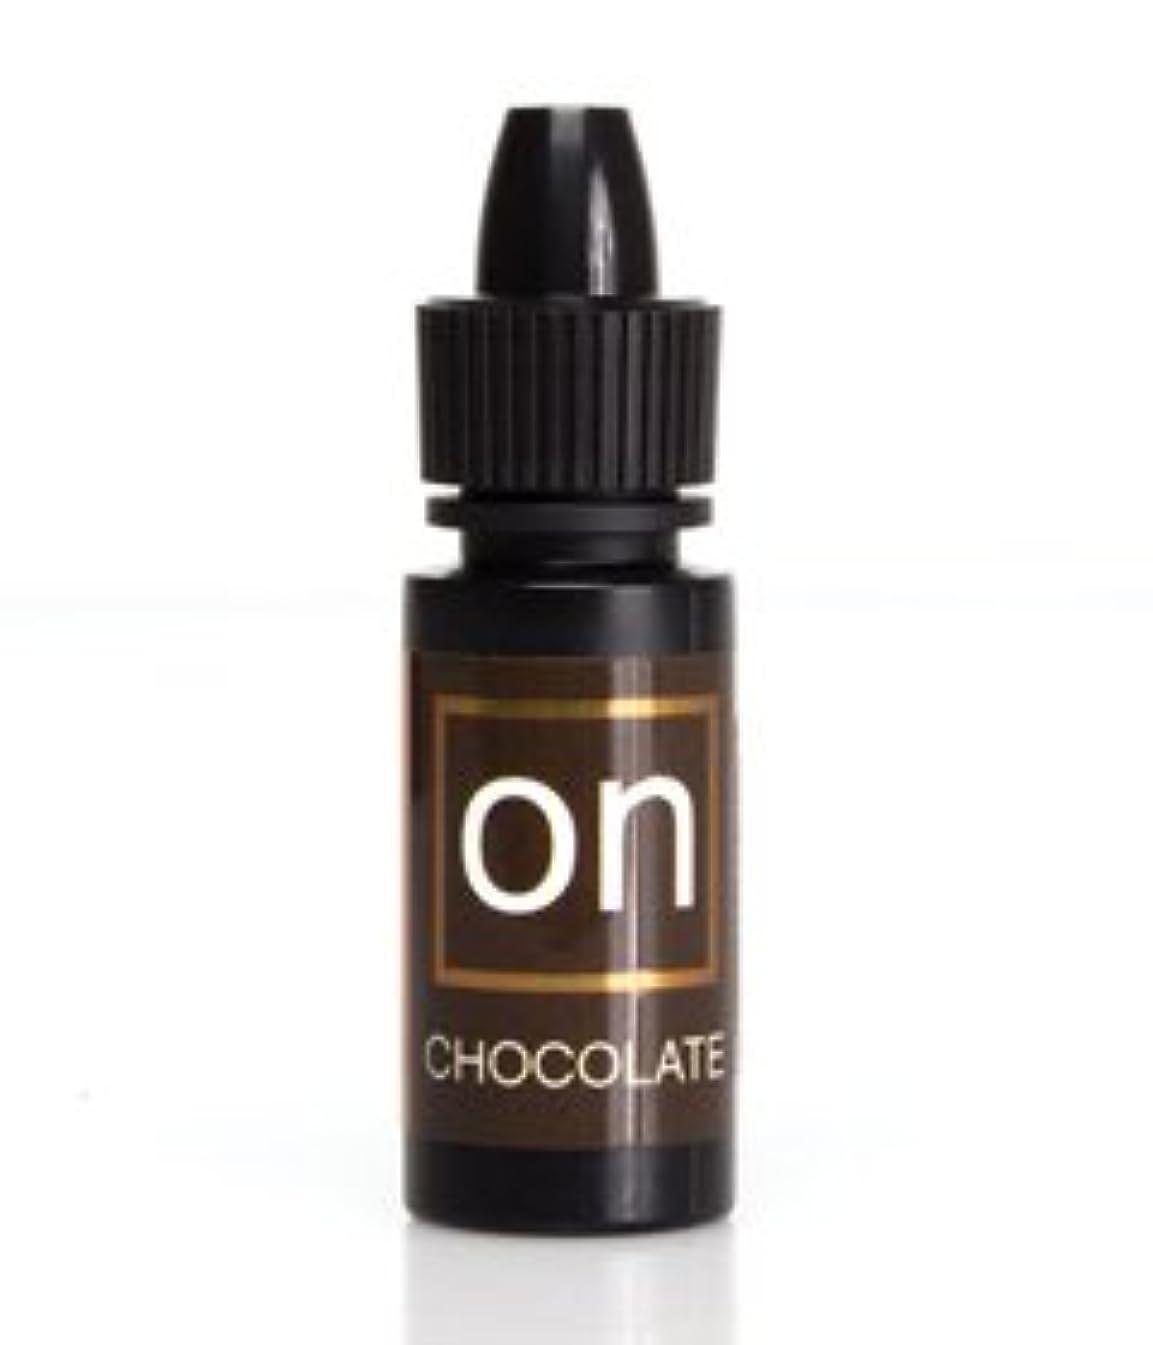 そこ該当する薄汚いオン チョコレートフレーバー(海外発送商品)